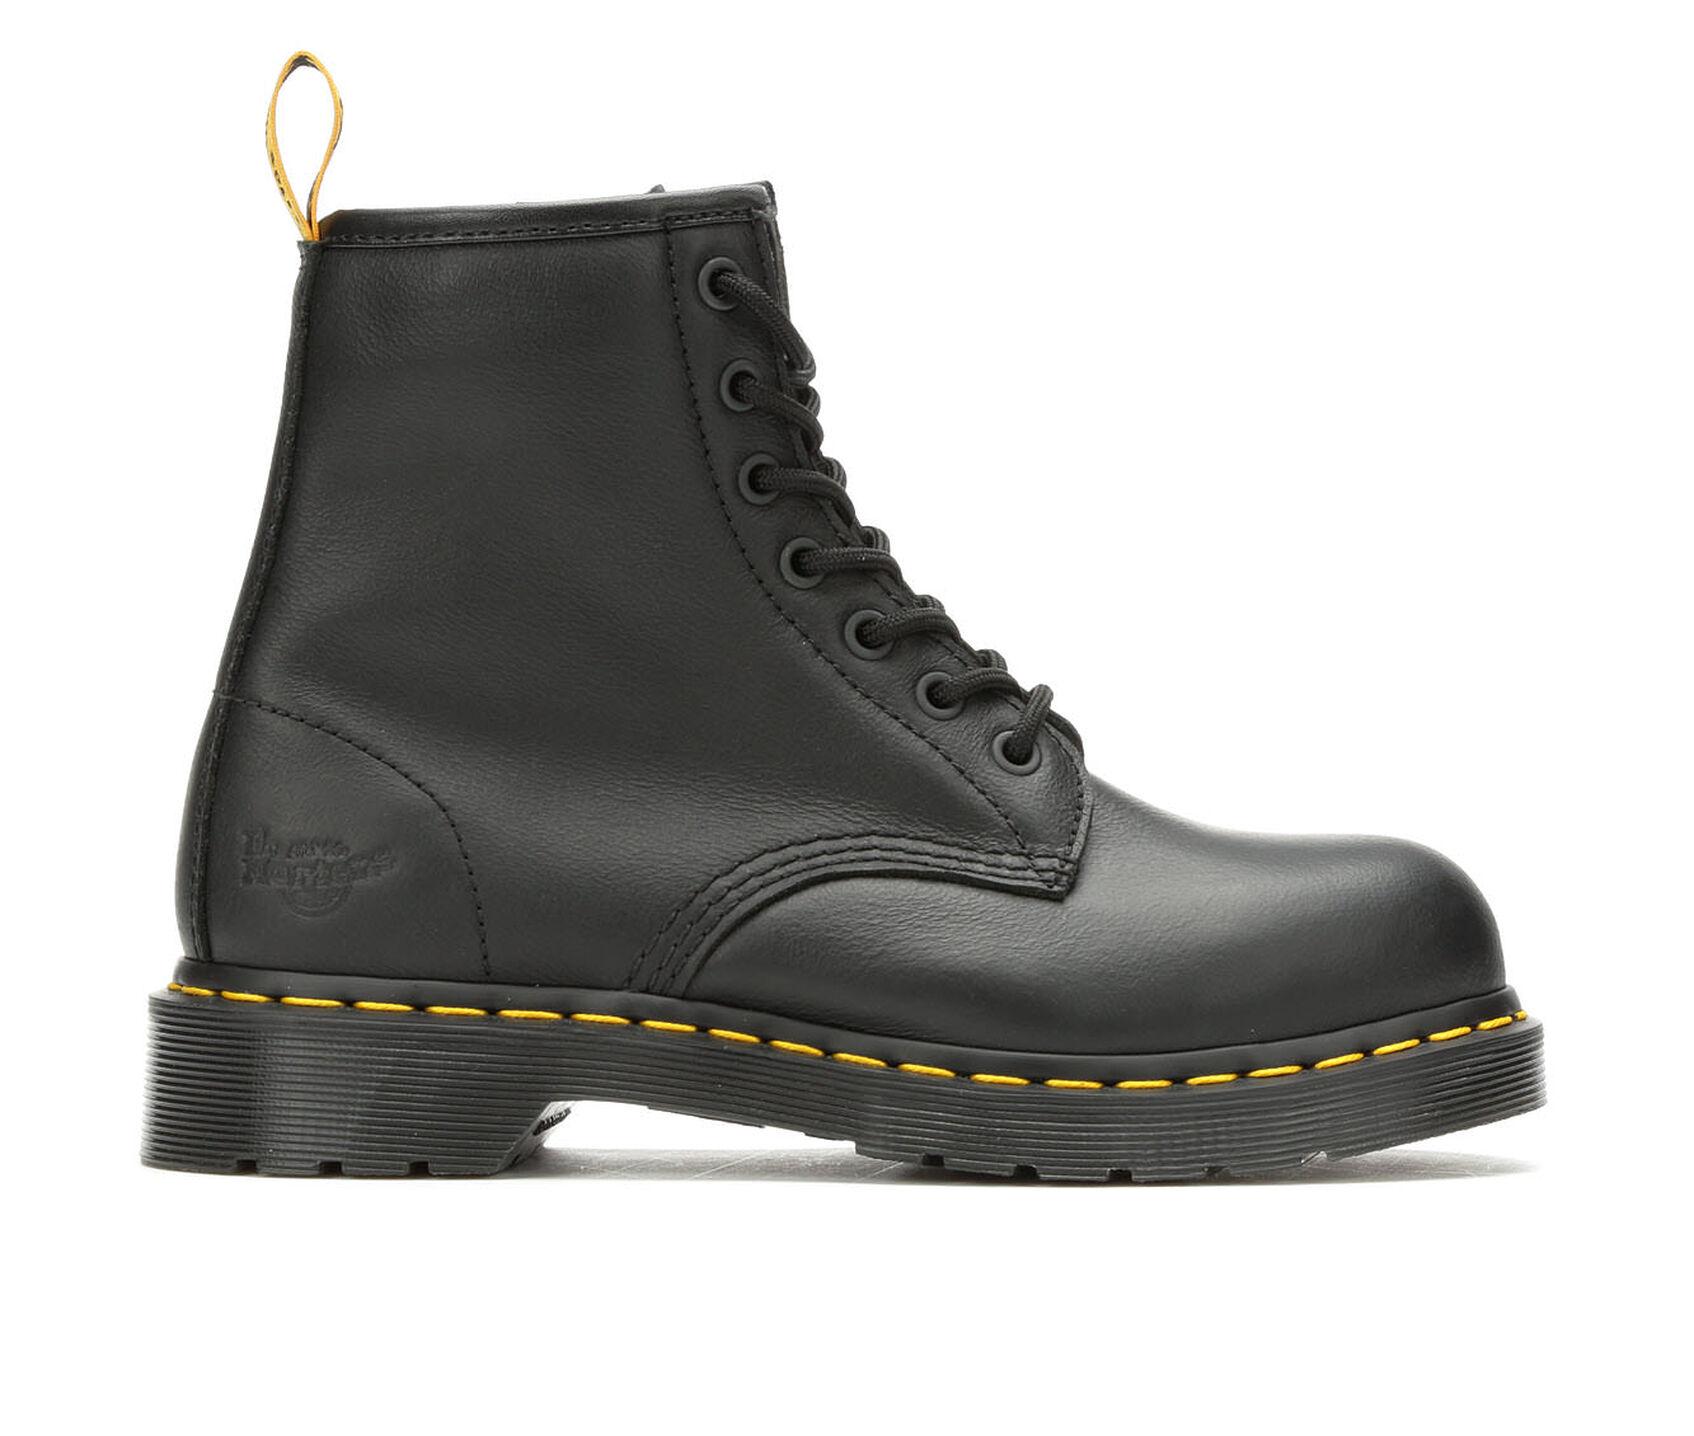 feceee22628 Women's Dr. Martens Industrial Maple Steel Toe Work Shoes